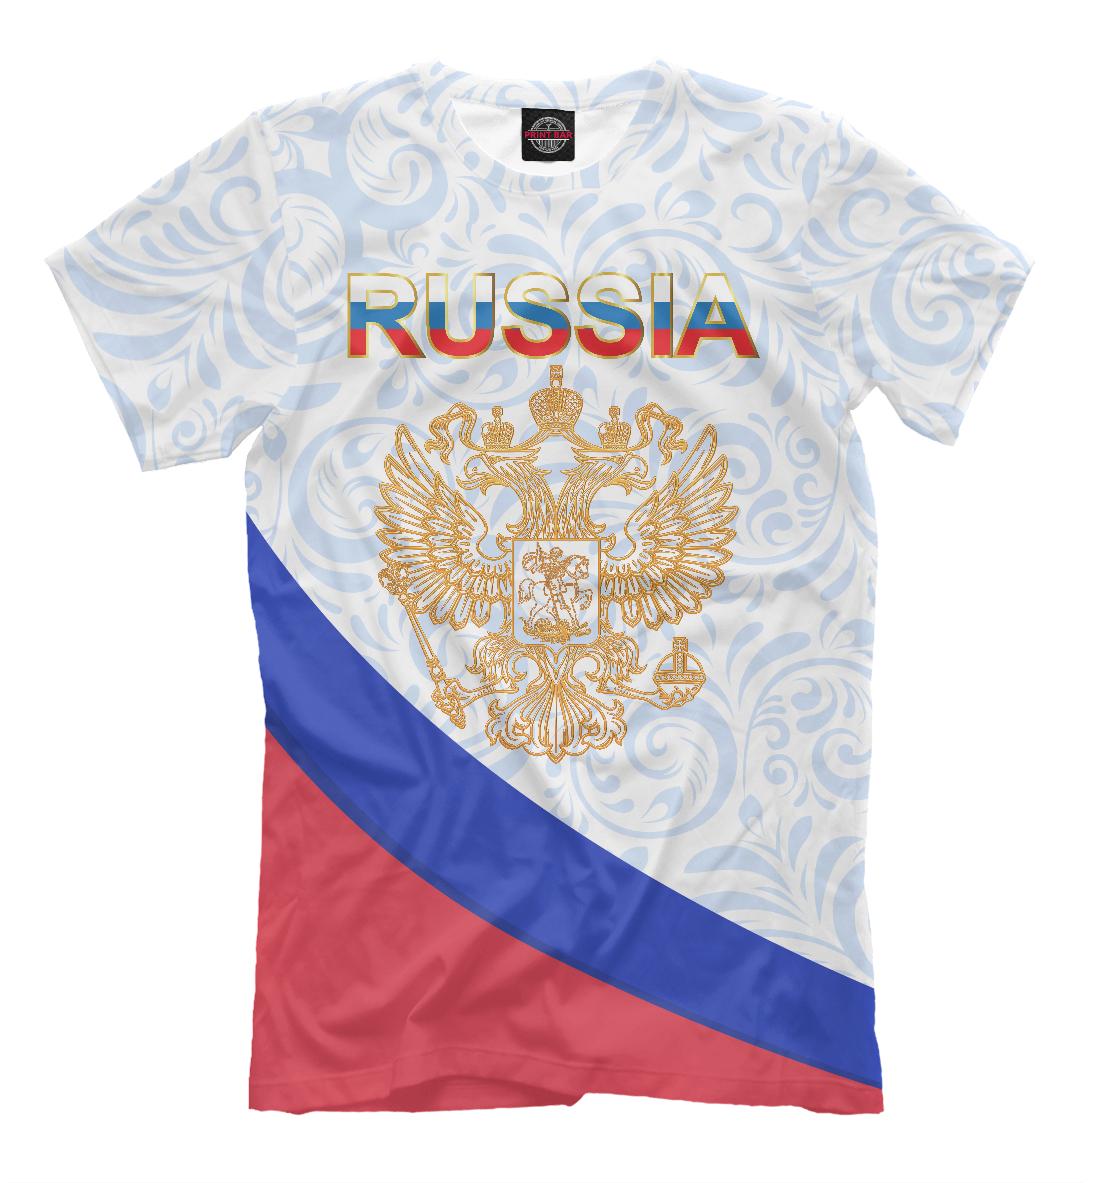 Сборная россии футболка картинка